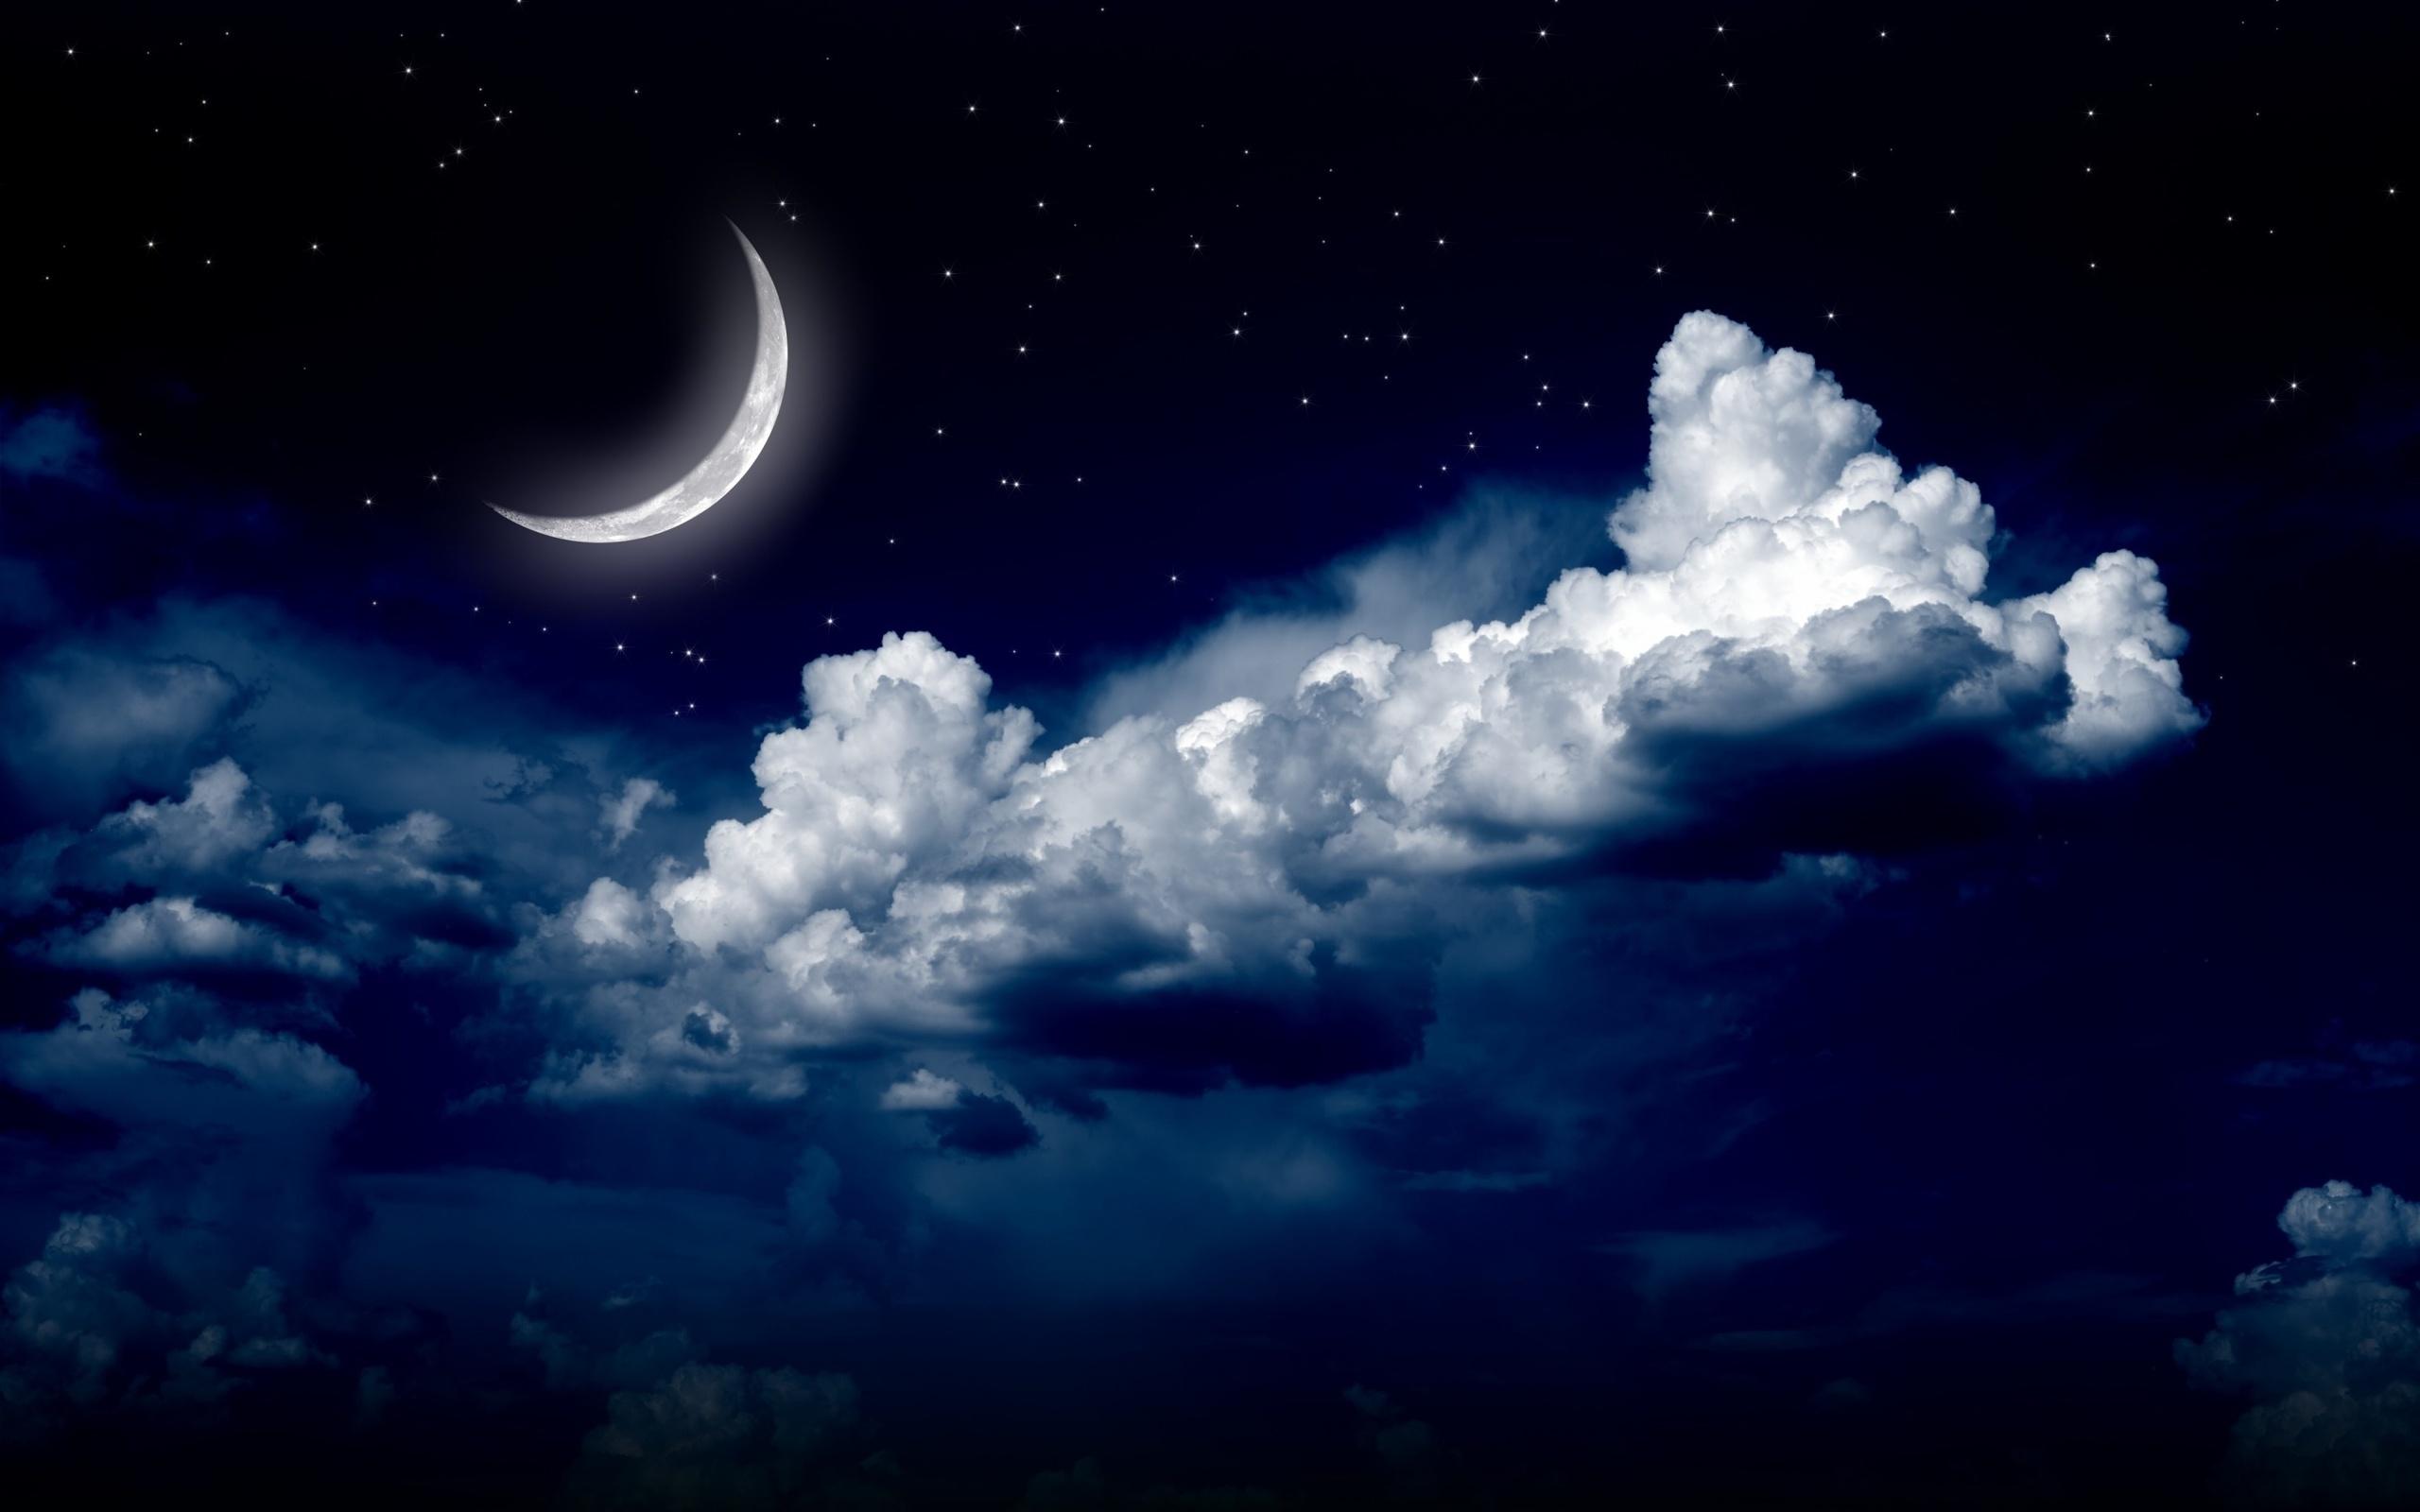 Открытка со звездами и луной